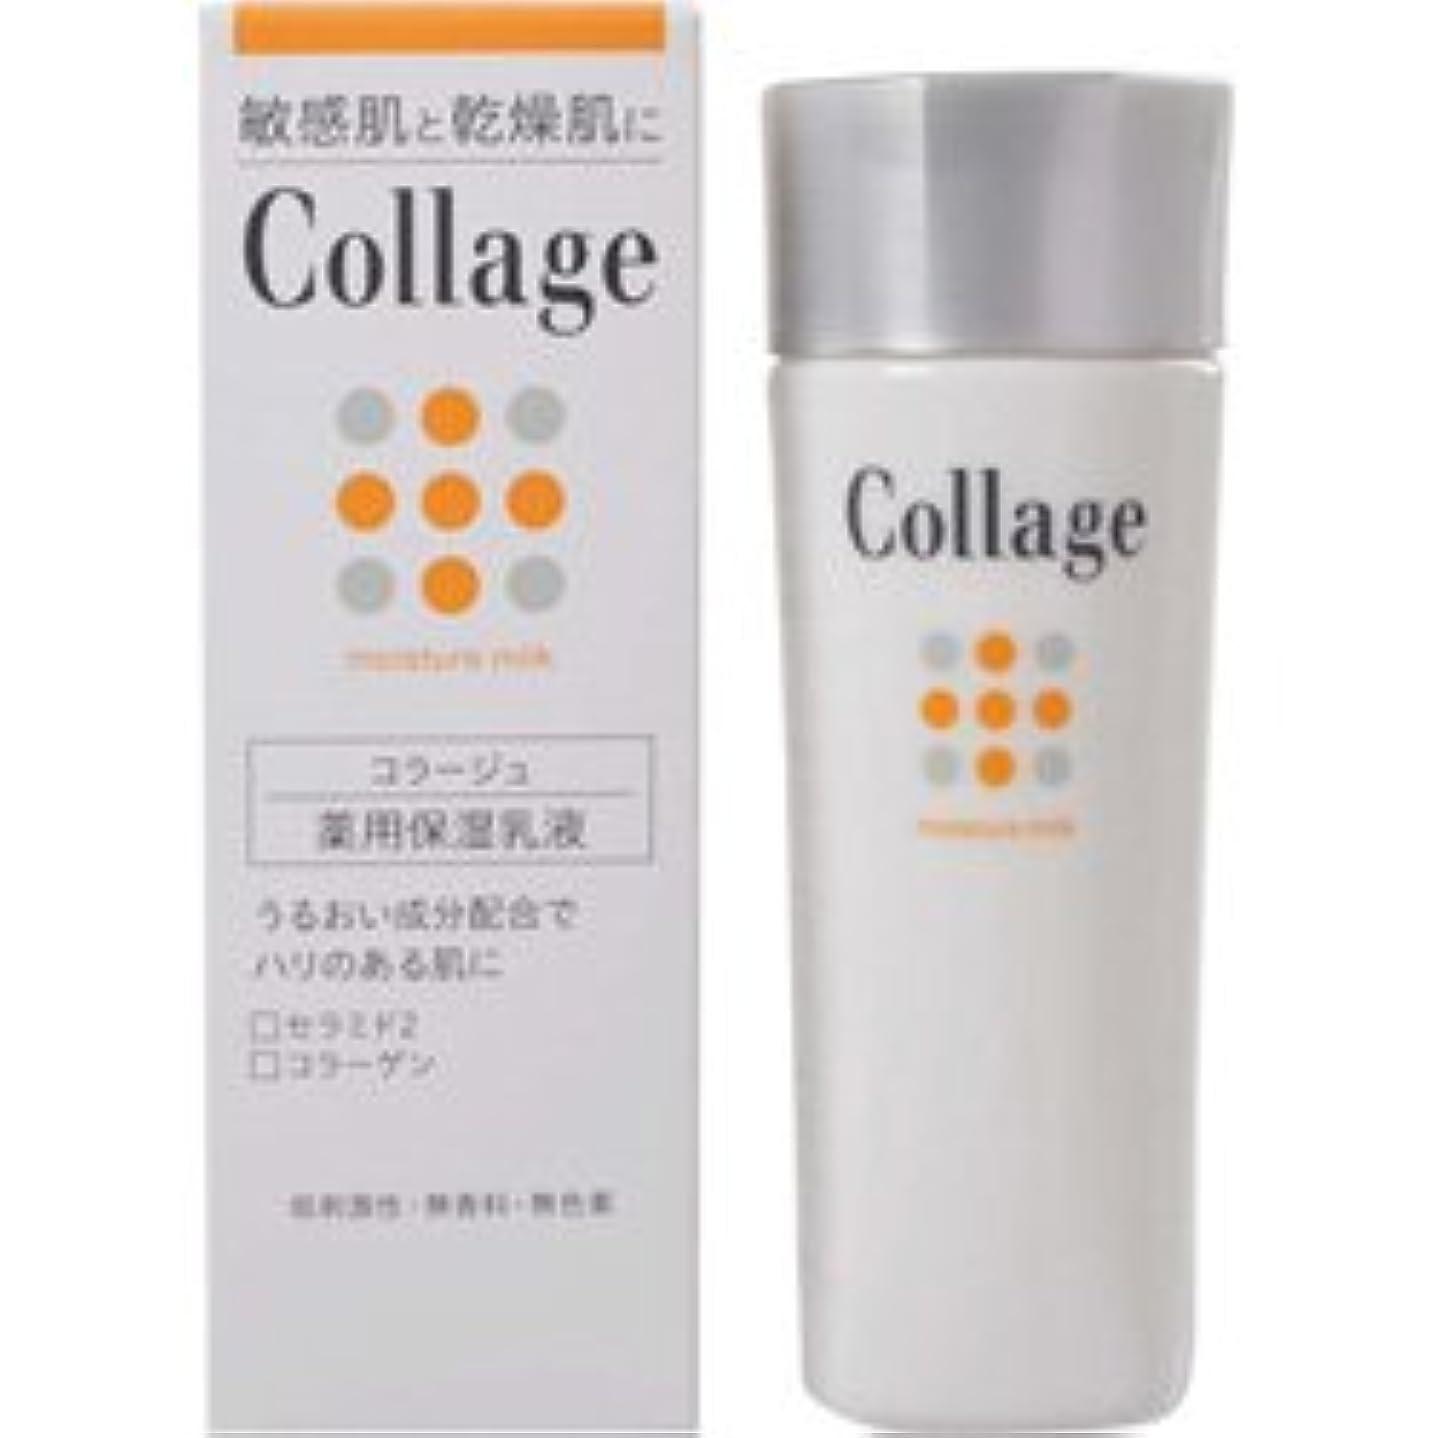 定数月曜日洗う【持田ヘルスケア】 コラージュ薬用保湿乳液 80ml (医薬部外品) ×3個セット